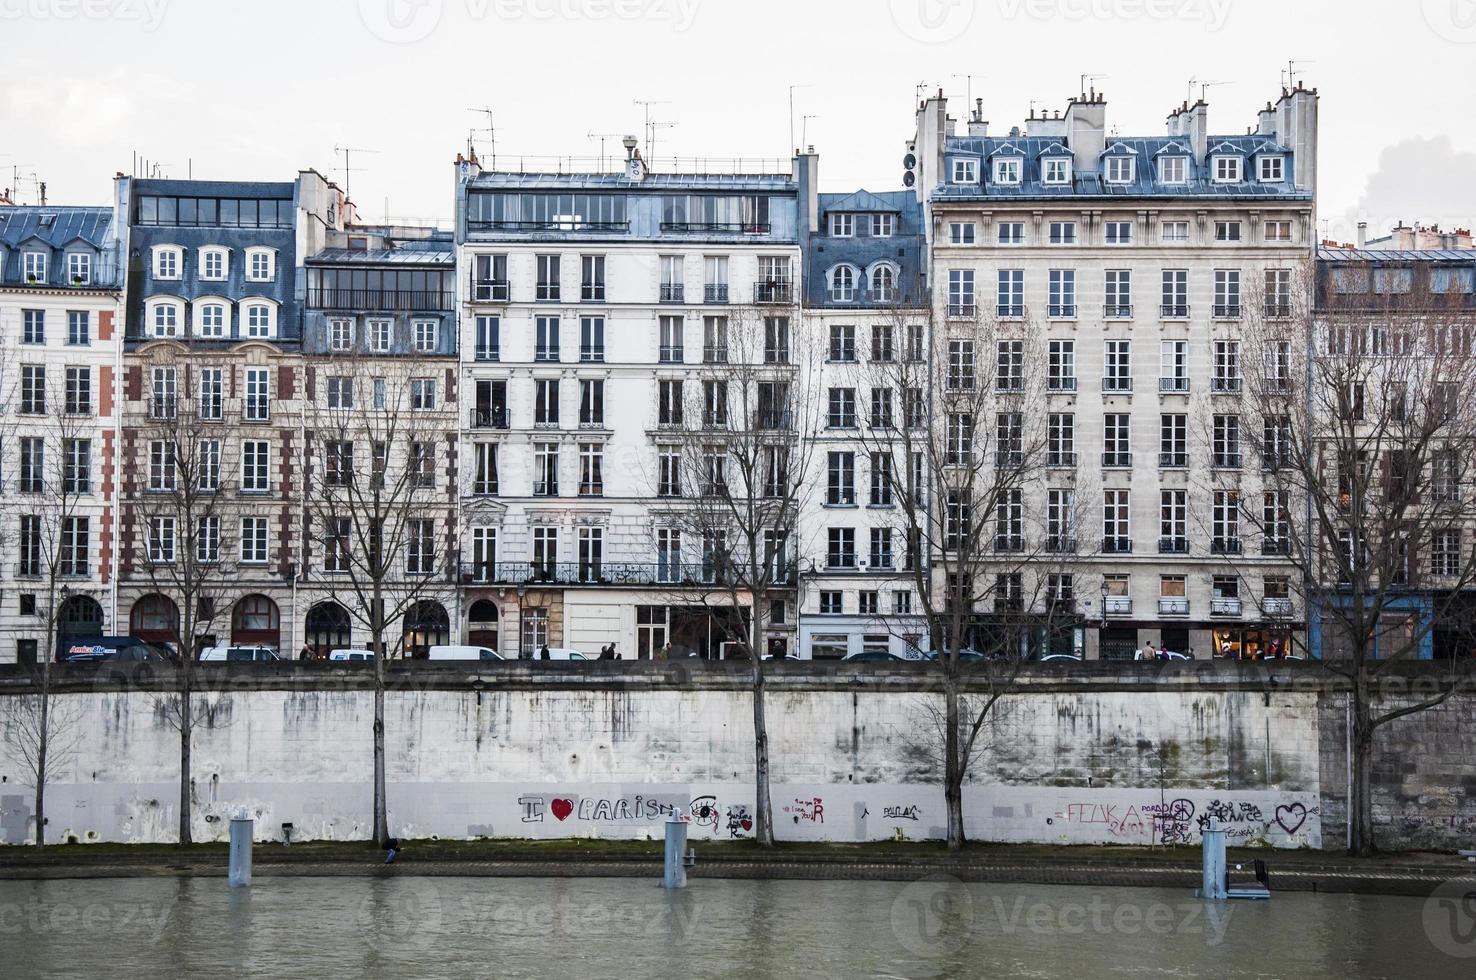 parijs gebouw foto